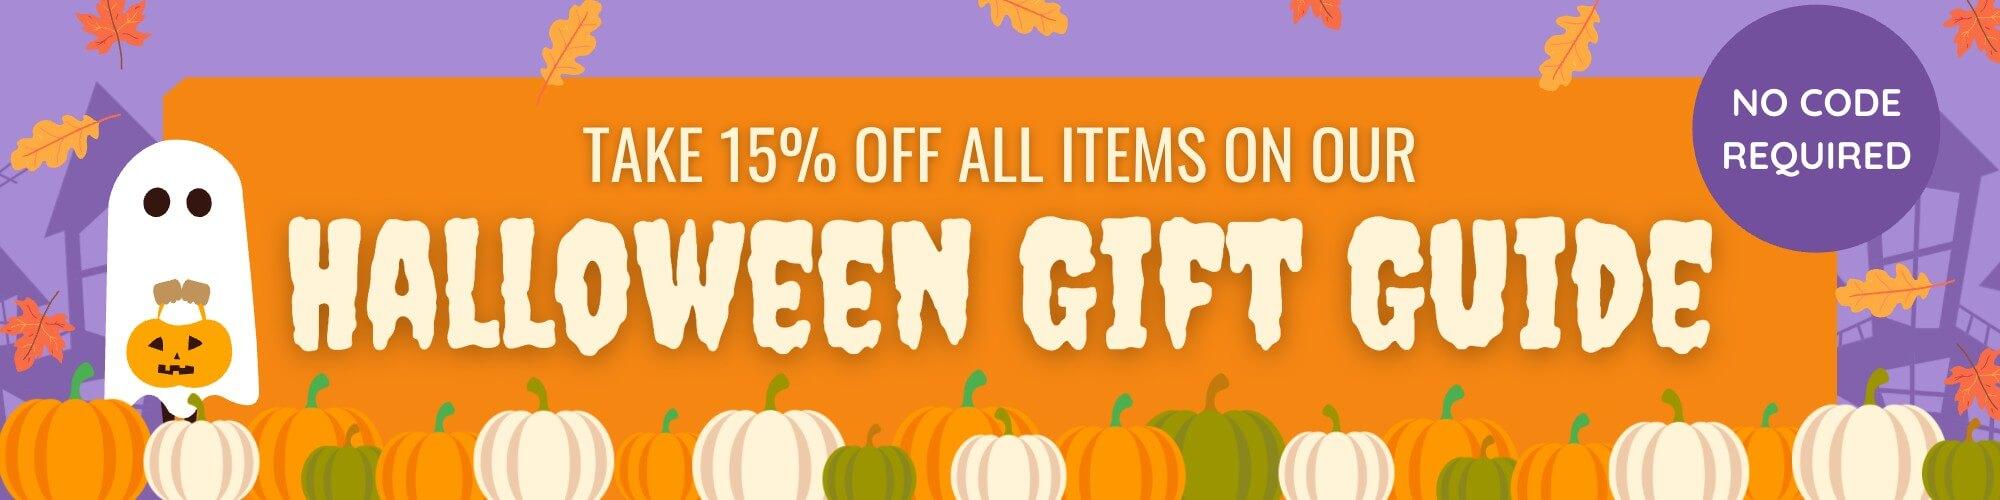 halloween-gift-guide-bannerupdate-2.jpg